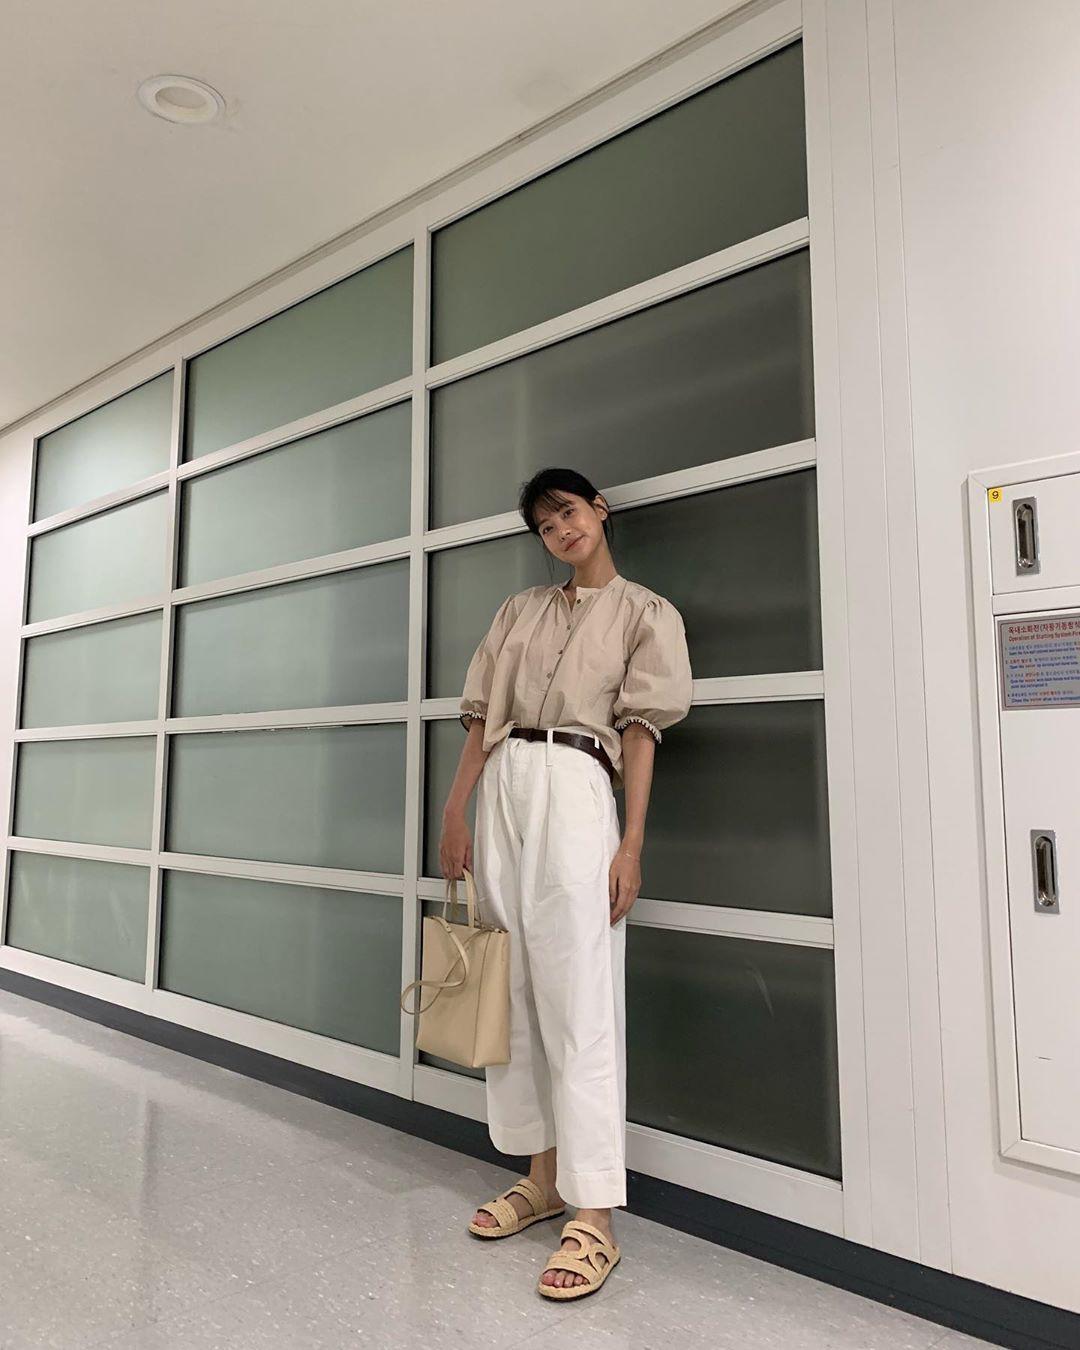 Tiểu tam tin đồn đòi kiện Goo Hye Sun: Thường xuyên lên đồ như nữ sinh, nói đã hơn 30 tuổi chắc chẳng ai tin - Hình 11